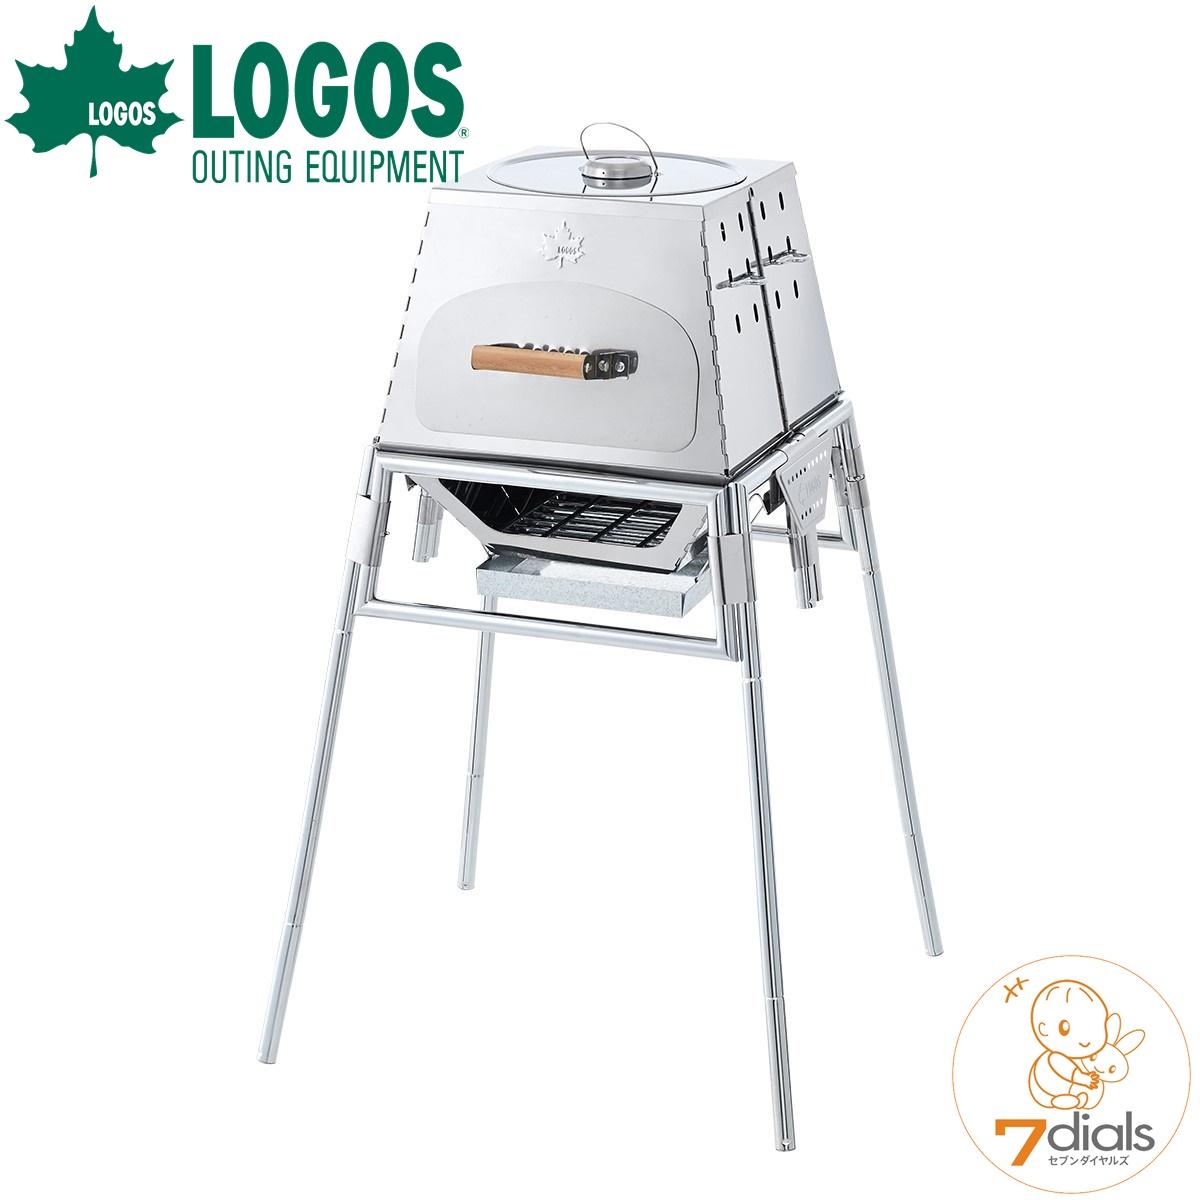 【あす楽】LOGOS/ロゴス LOGOS the KAMADO コンプリート 同時に鍋料理とオーブン料理が可能なグリル 遮温カバーにハイポジション、ローポジションもできる【送料無料】